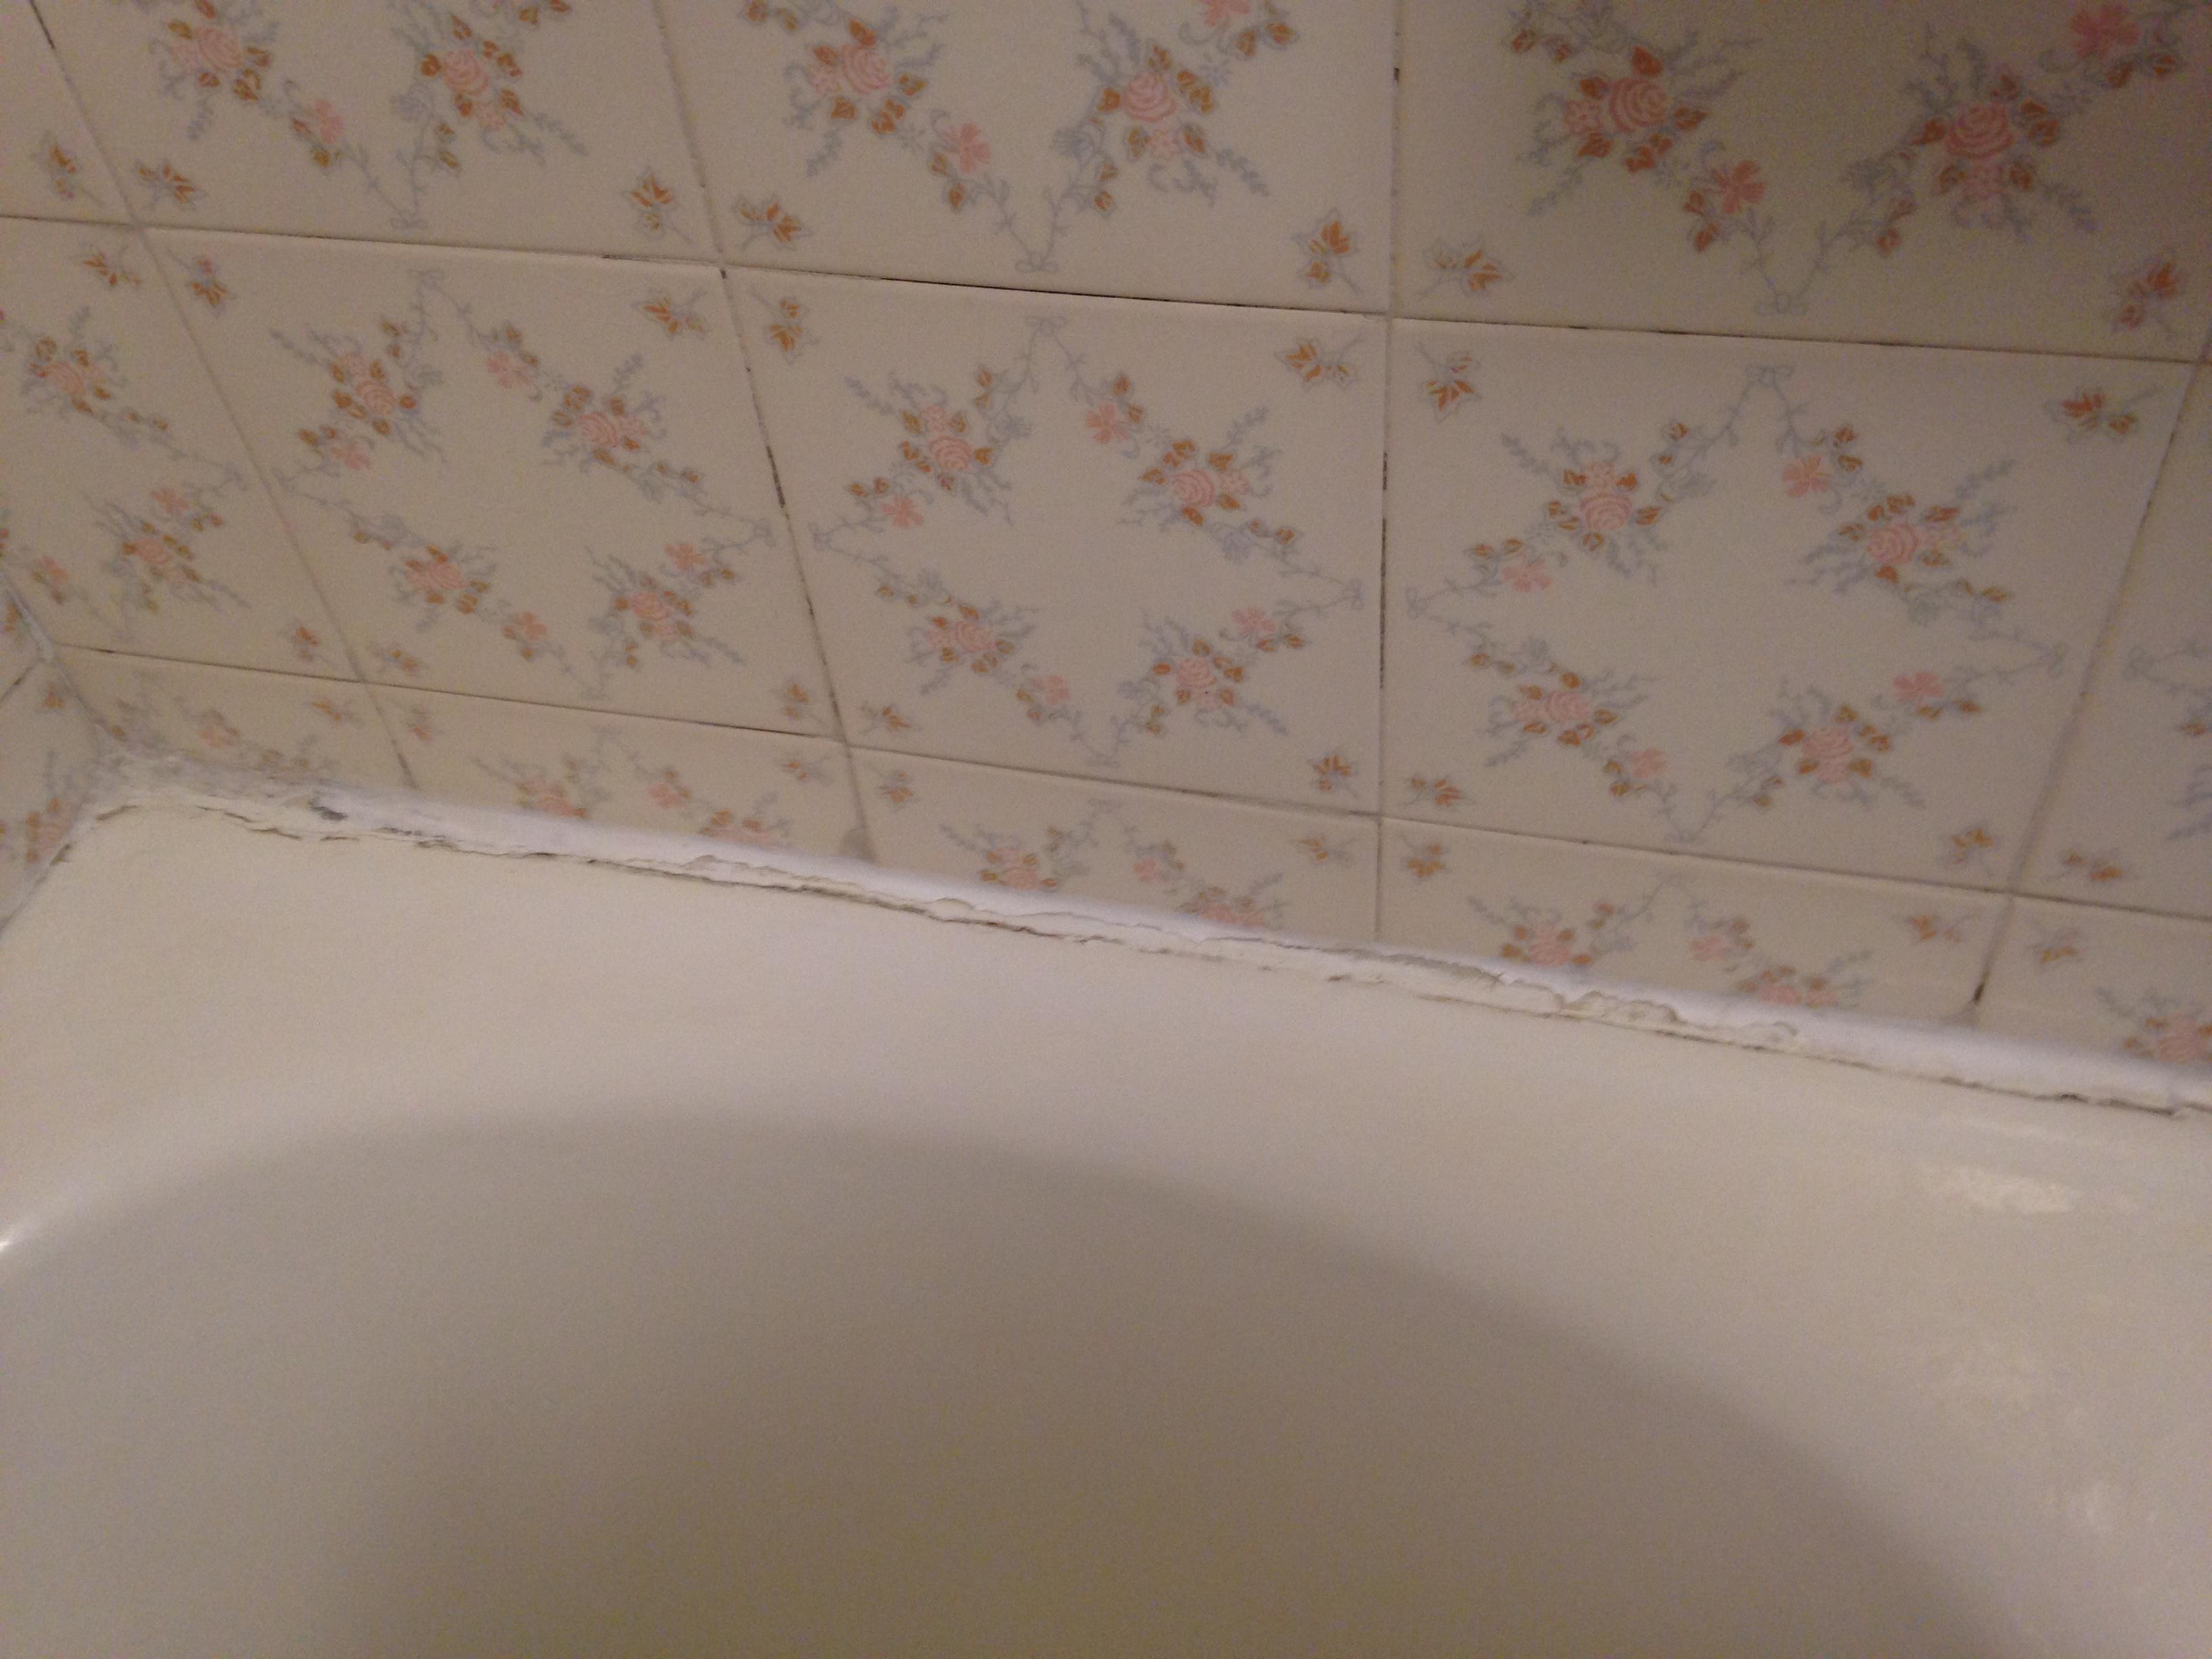 Bathtub needs caulking